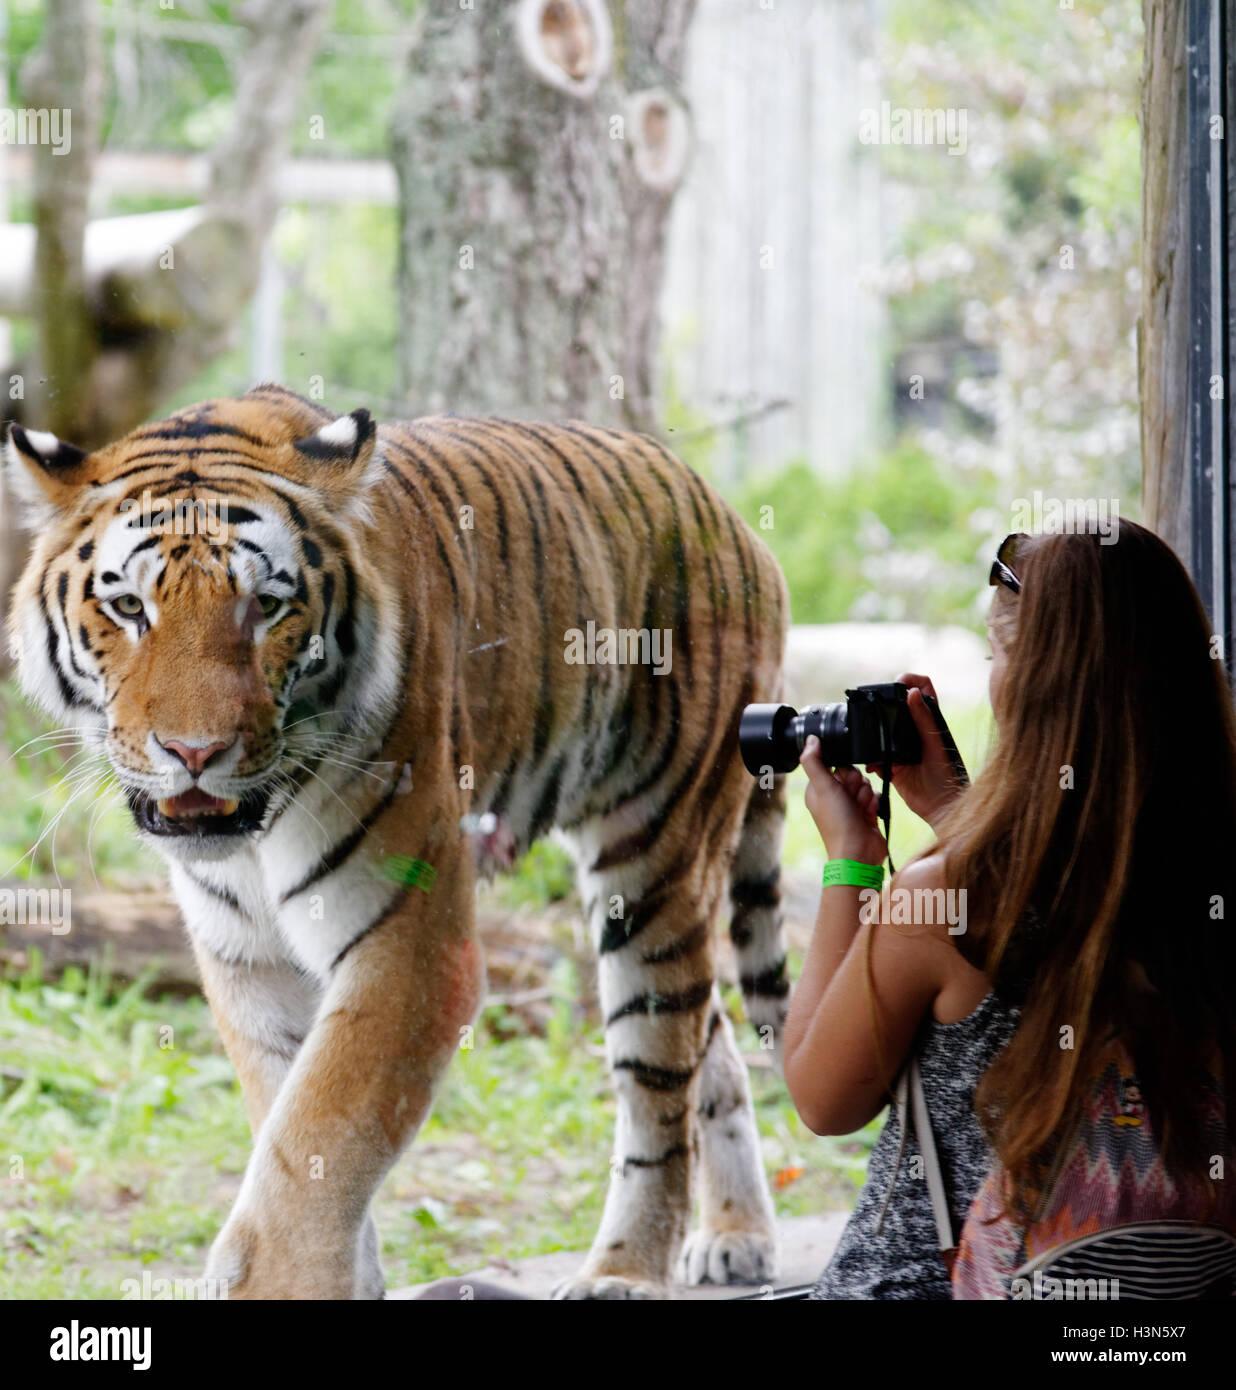 Une femme prend une photo de tigres de Sibérie dans le Zoo de Granby, Québec, Canada Photo Stock